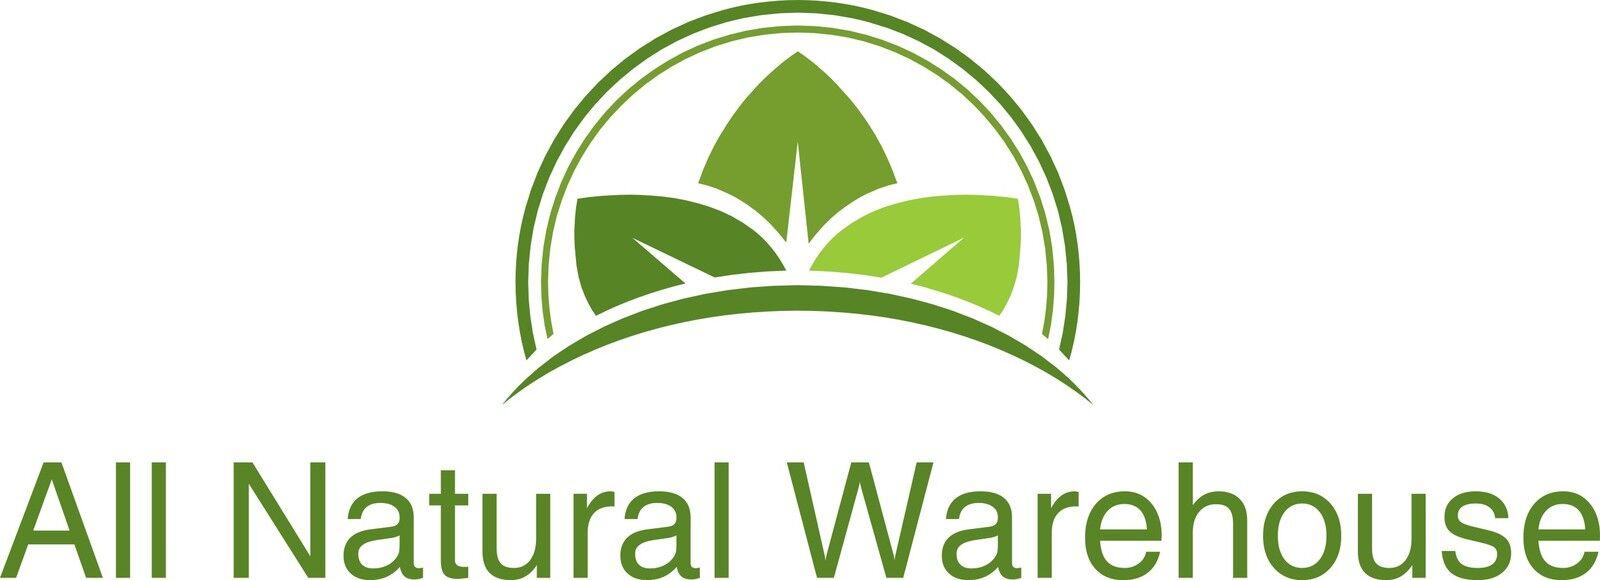 All Natural Warehouse